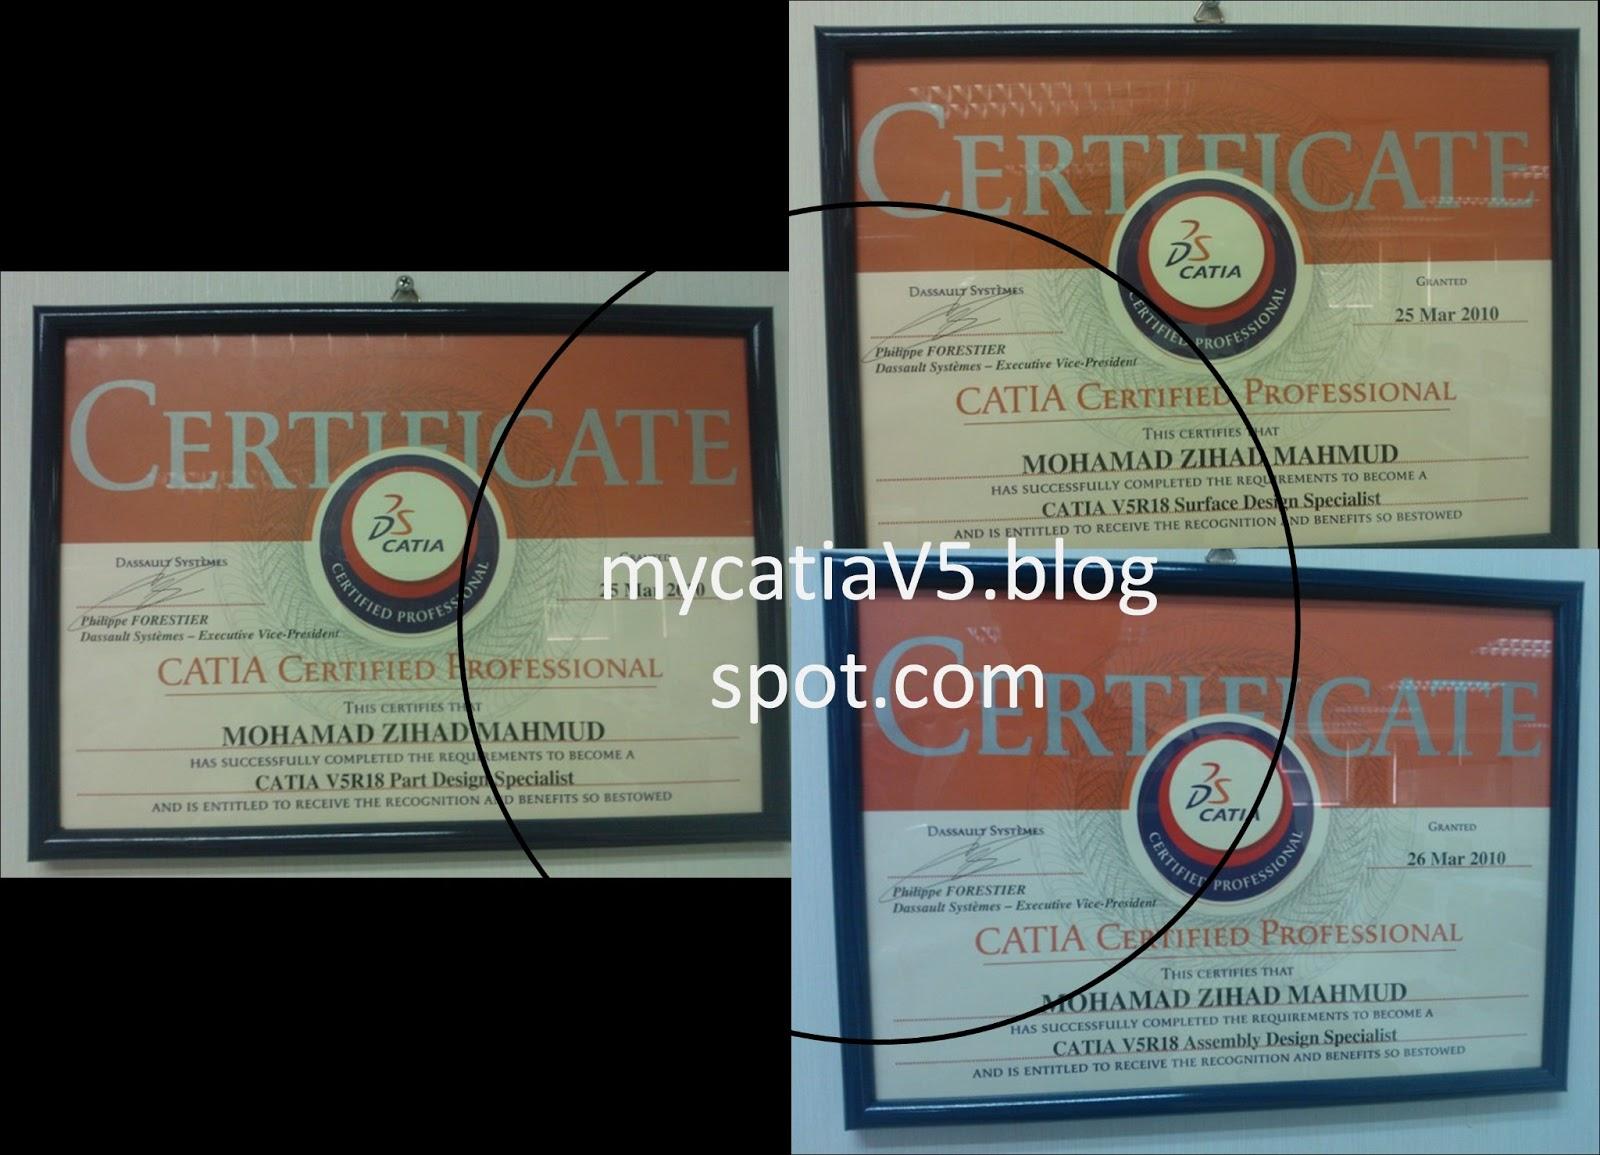 My Catia V5 Catia Specialist Certificate